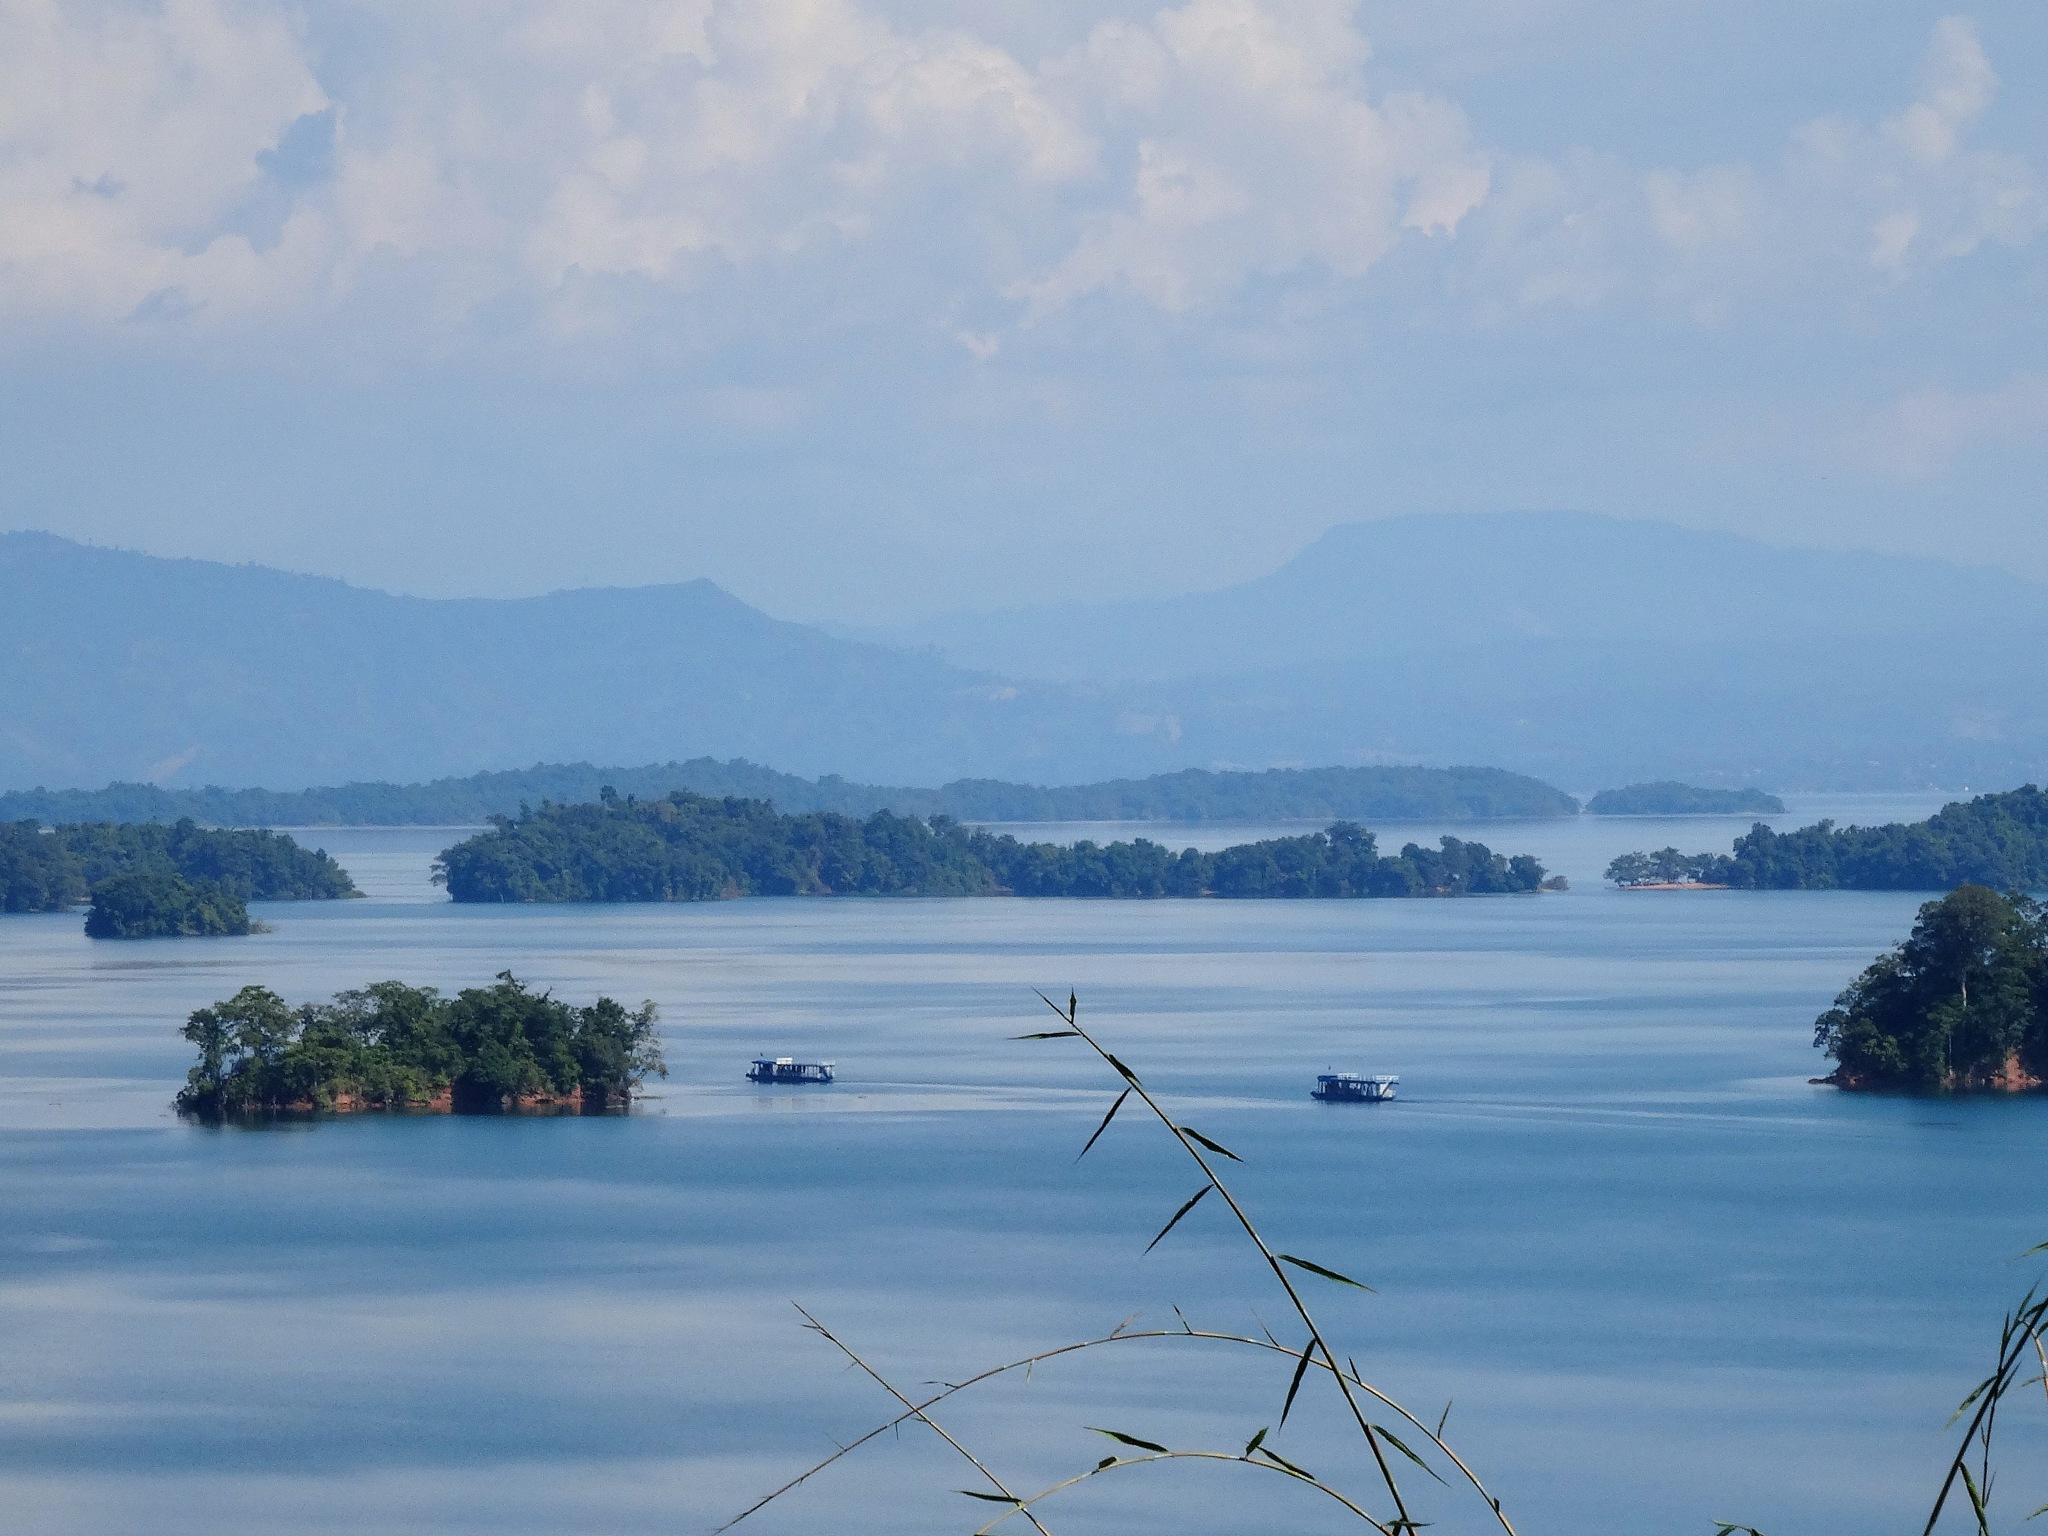 Lake by TonC